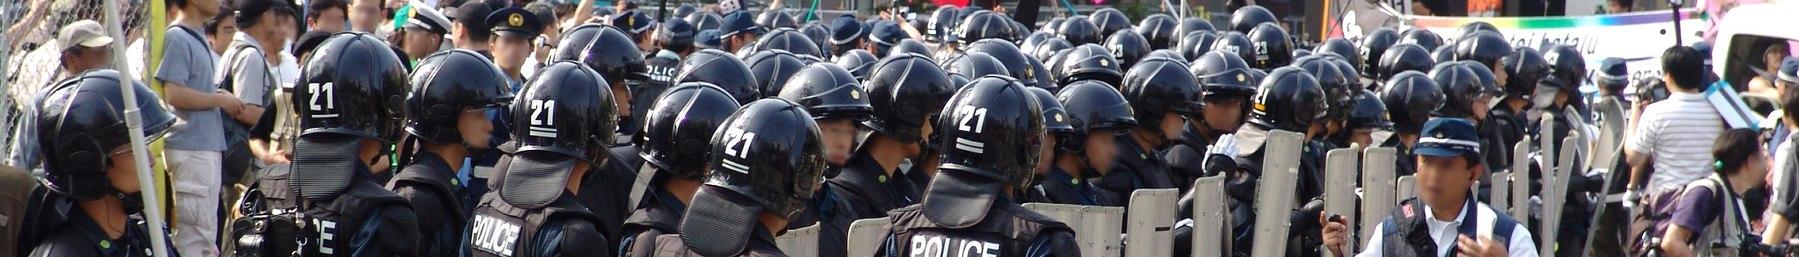 پلیس افتخاری شرایط عضویت ویکی سفر:پلیس - ویکی سفر